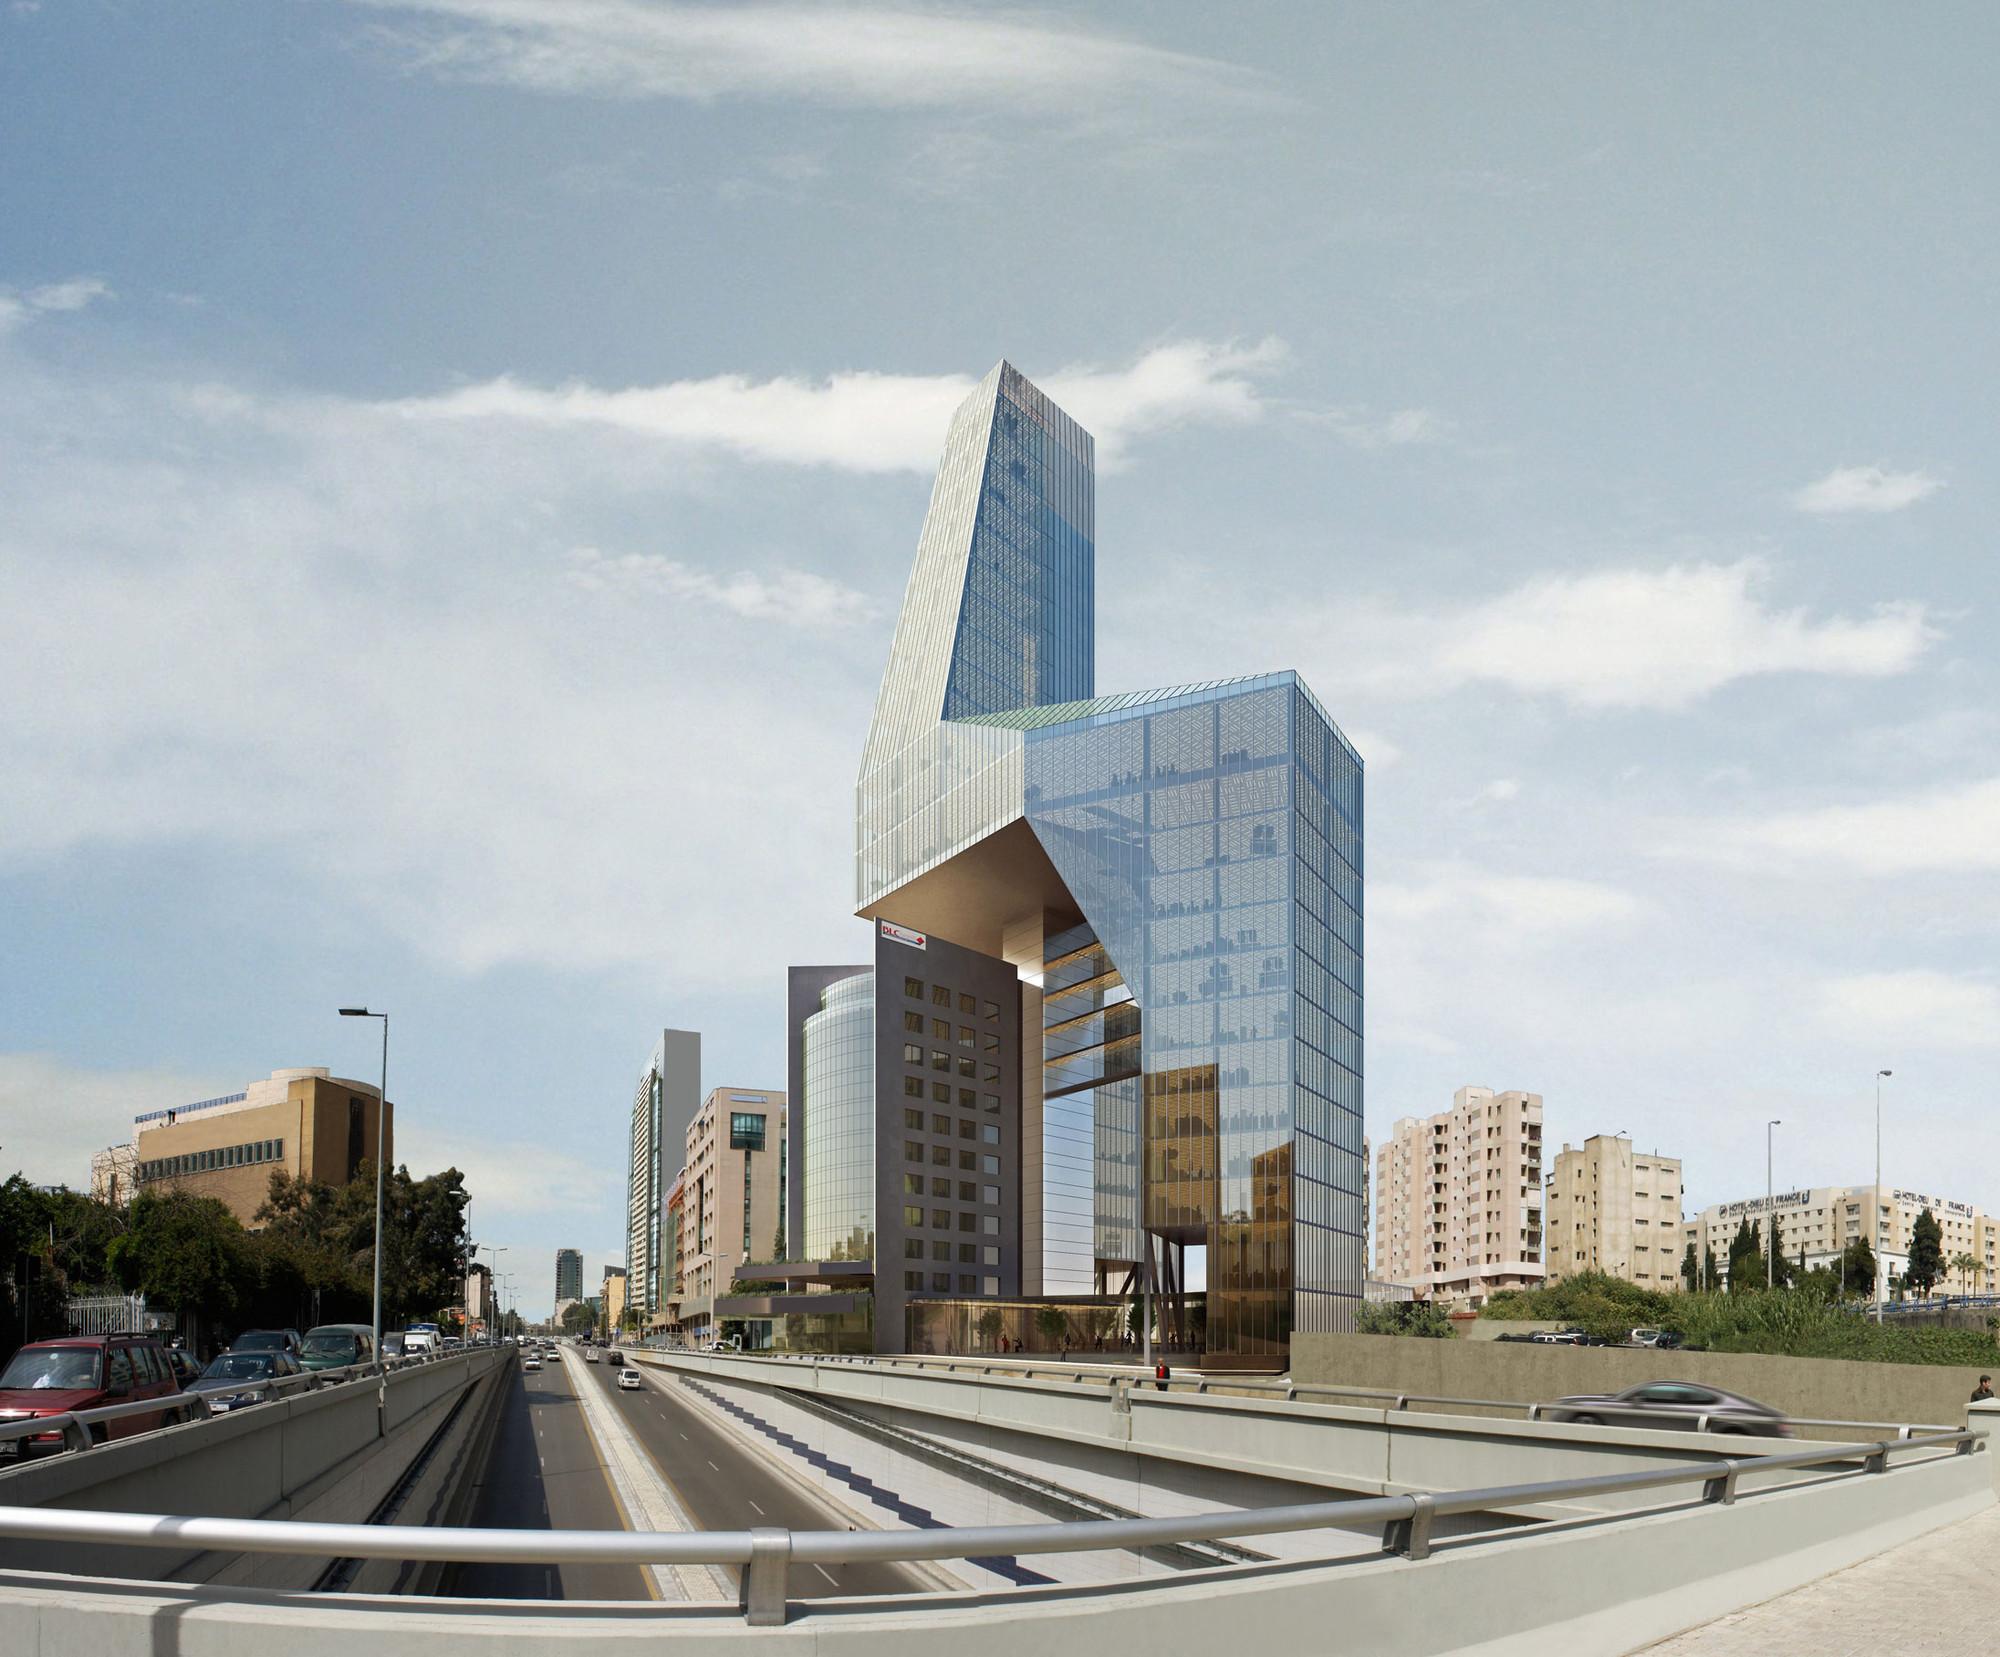 oficinas centrales blc hapsitus plataforma arquitectura